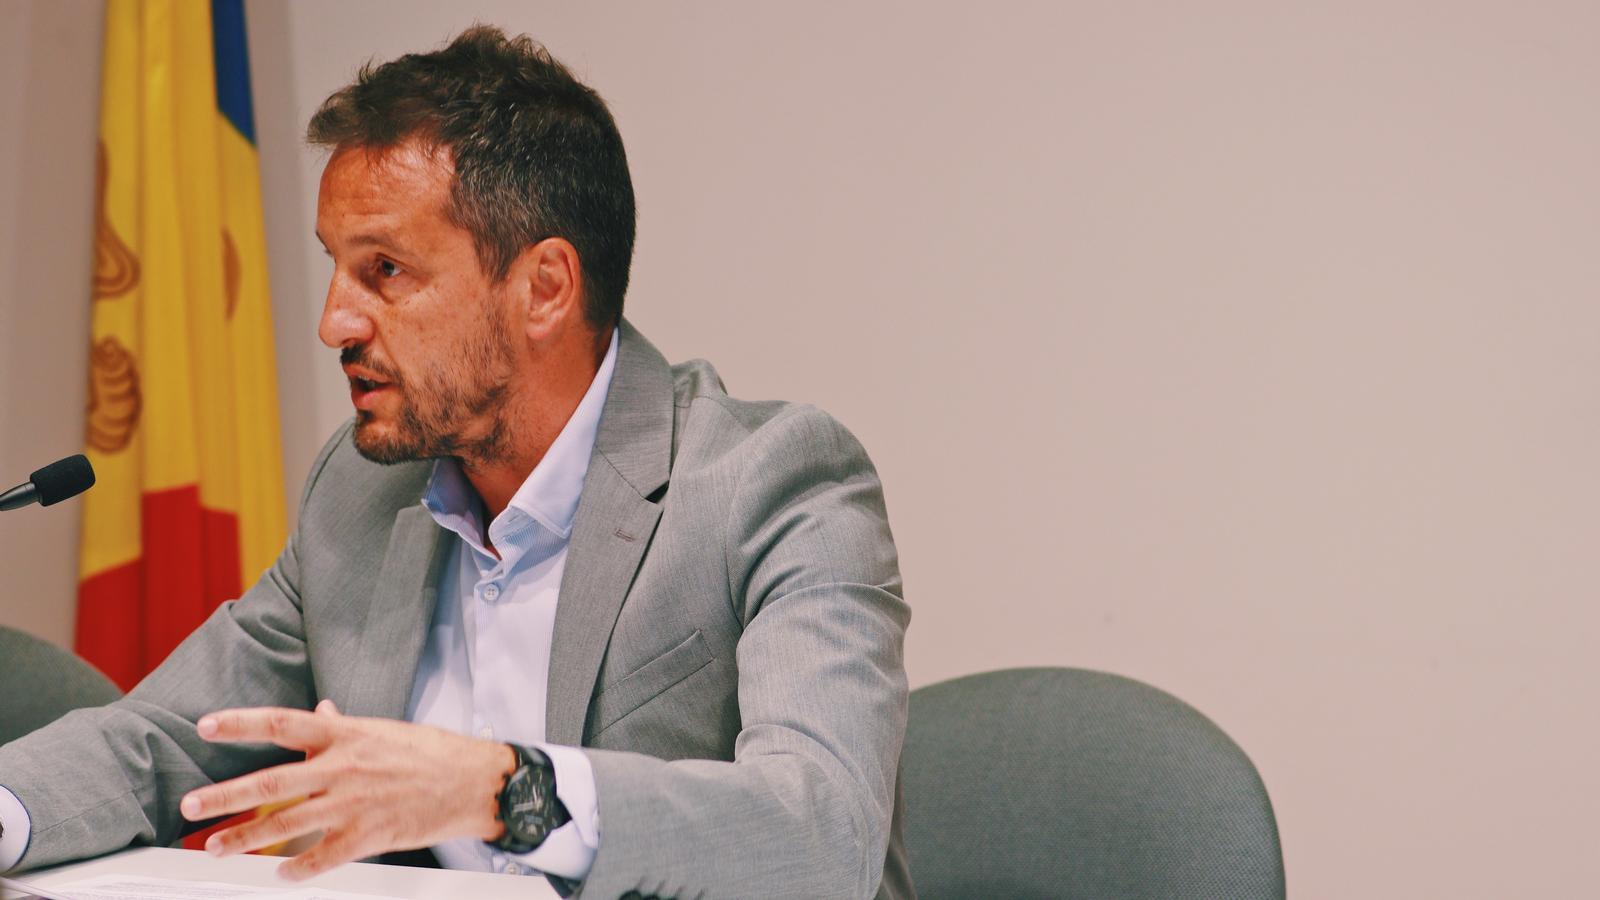 Pere López és president del grup parlamentari del PS